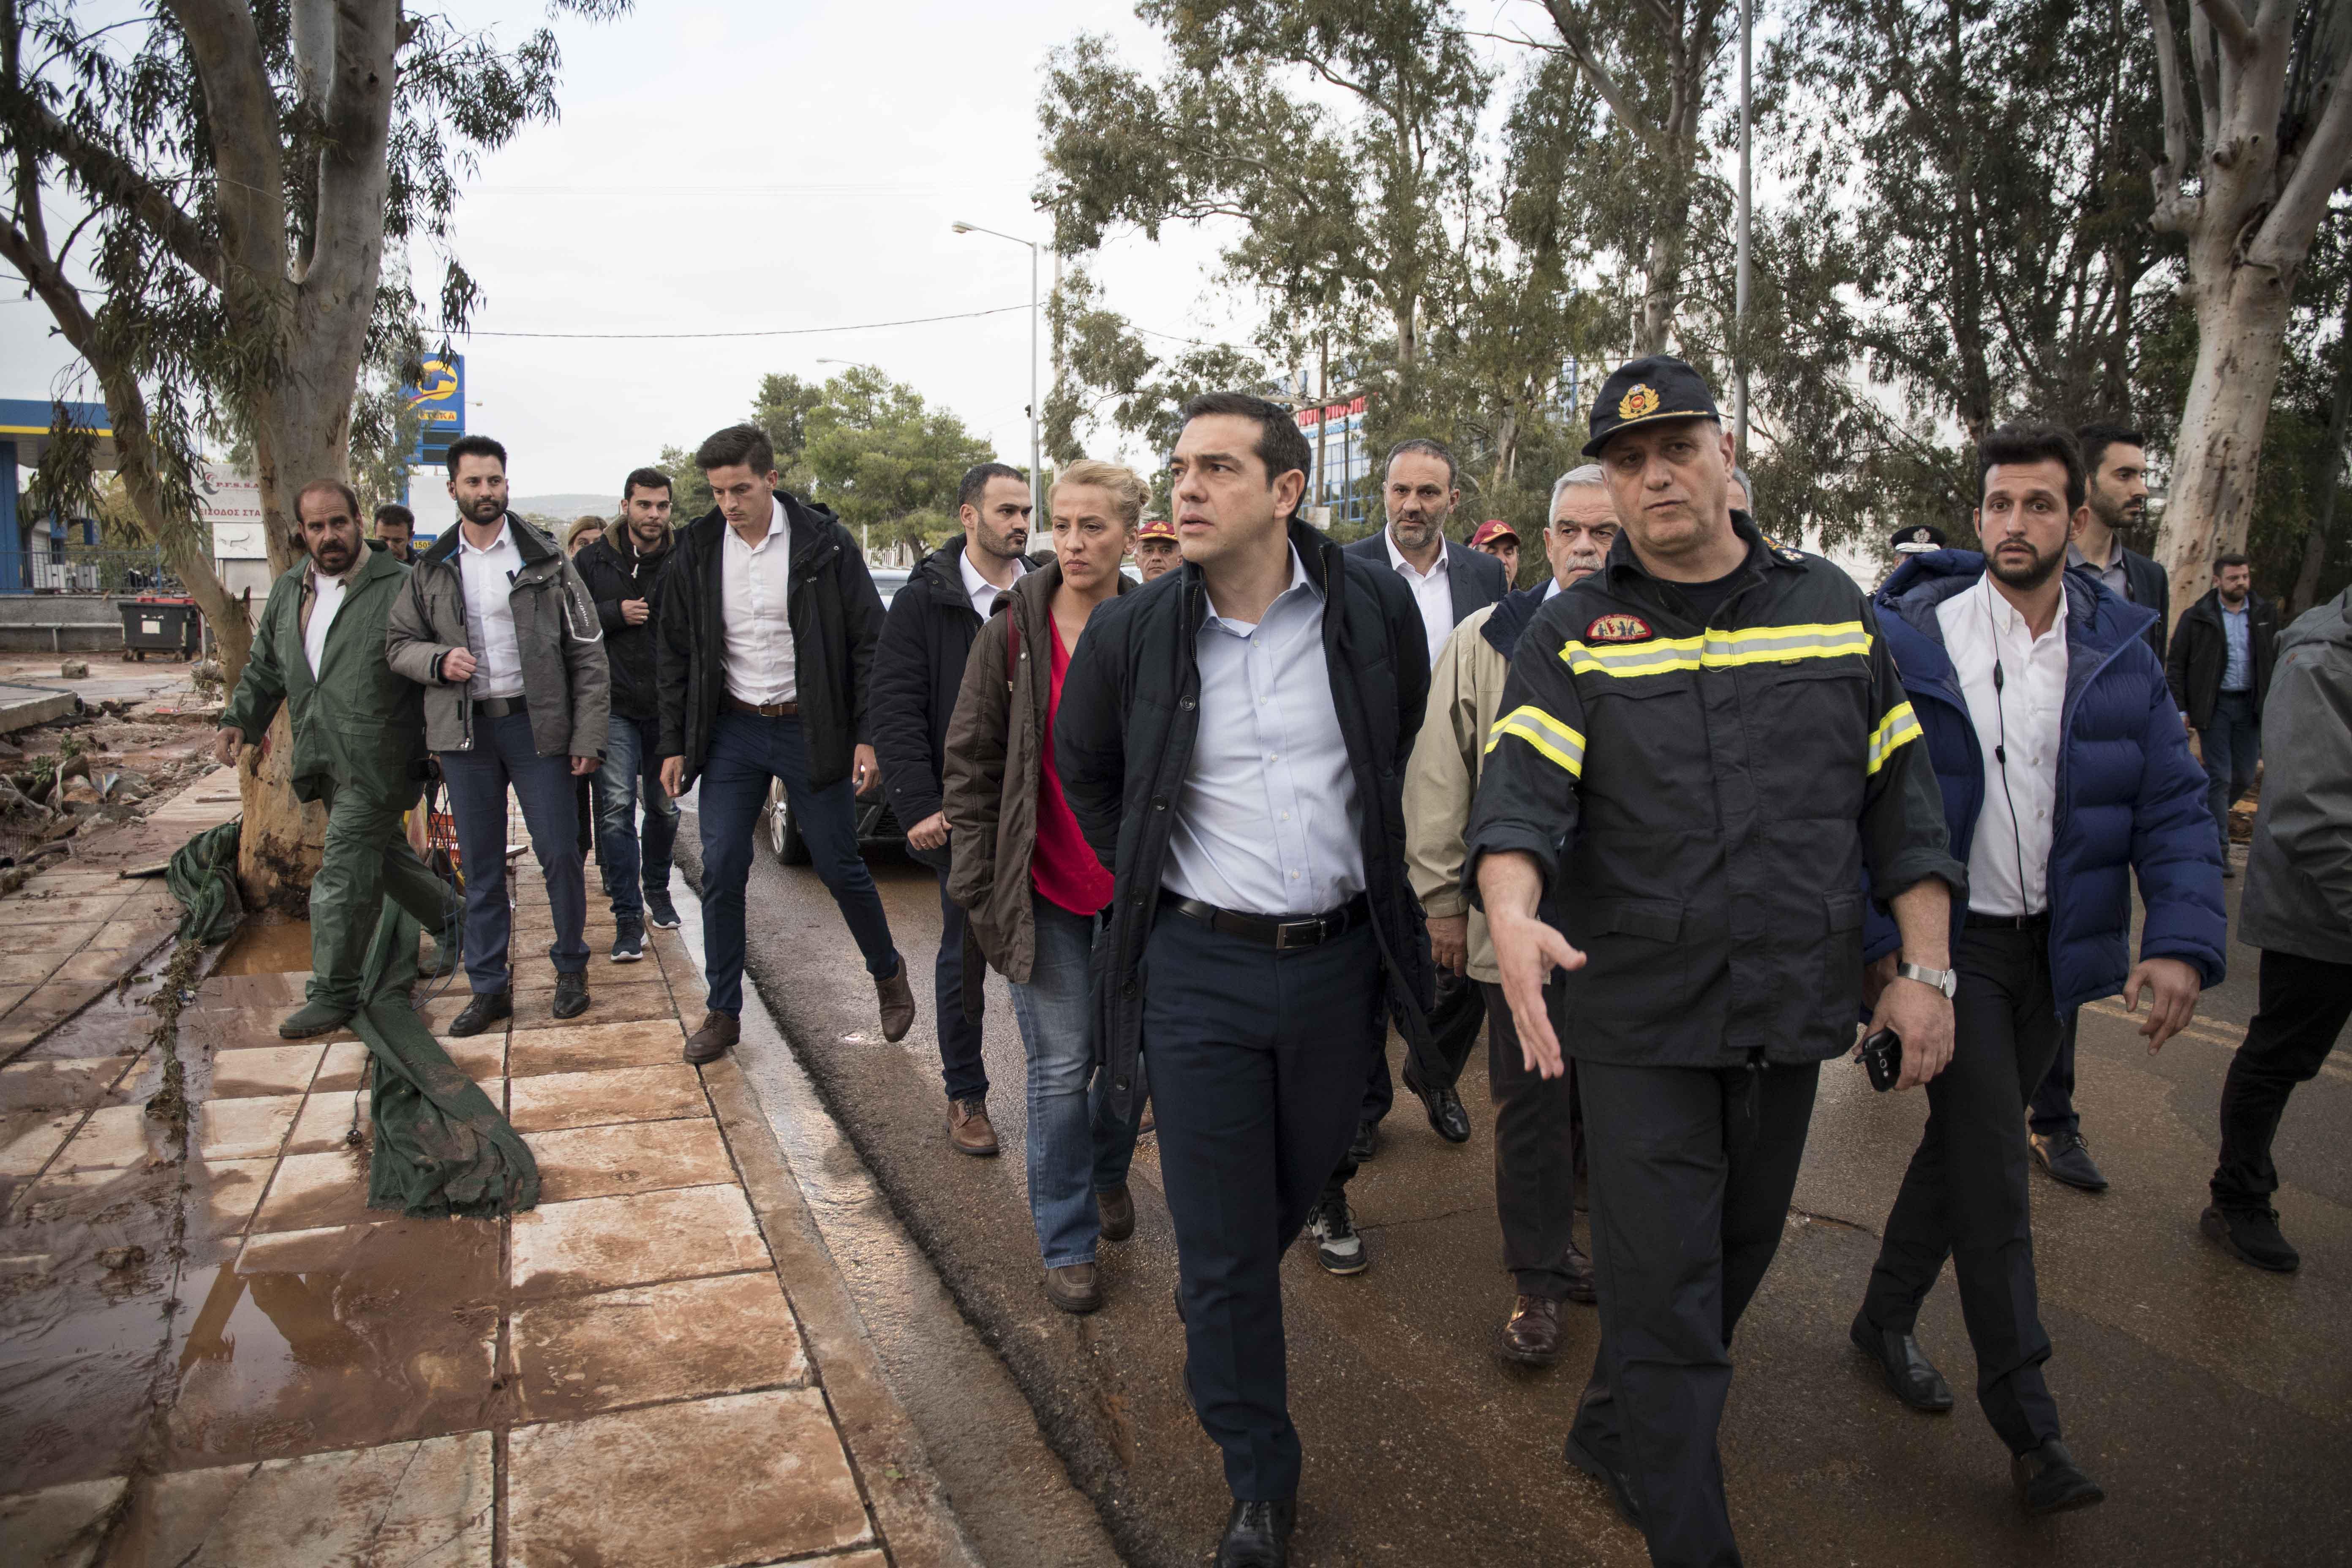 Η Αθήνα πνίγεται και ο Τσίπρας μιλάει στη Σουηδία για την… κοινωνική Ευρώπη - Εικόνα 0